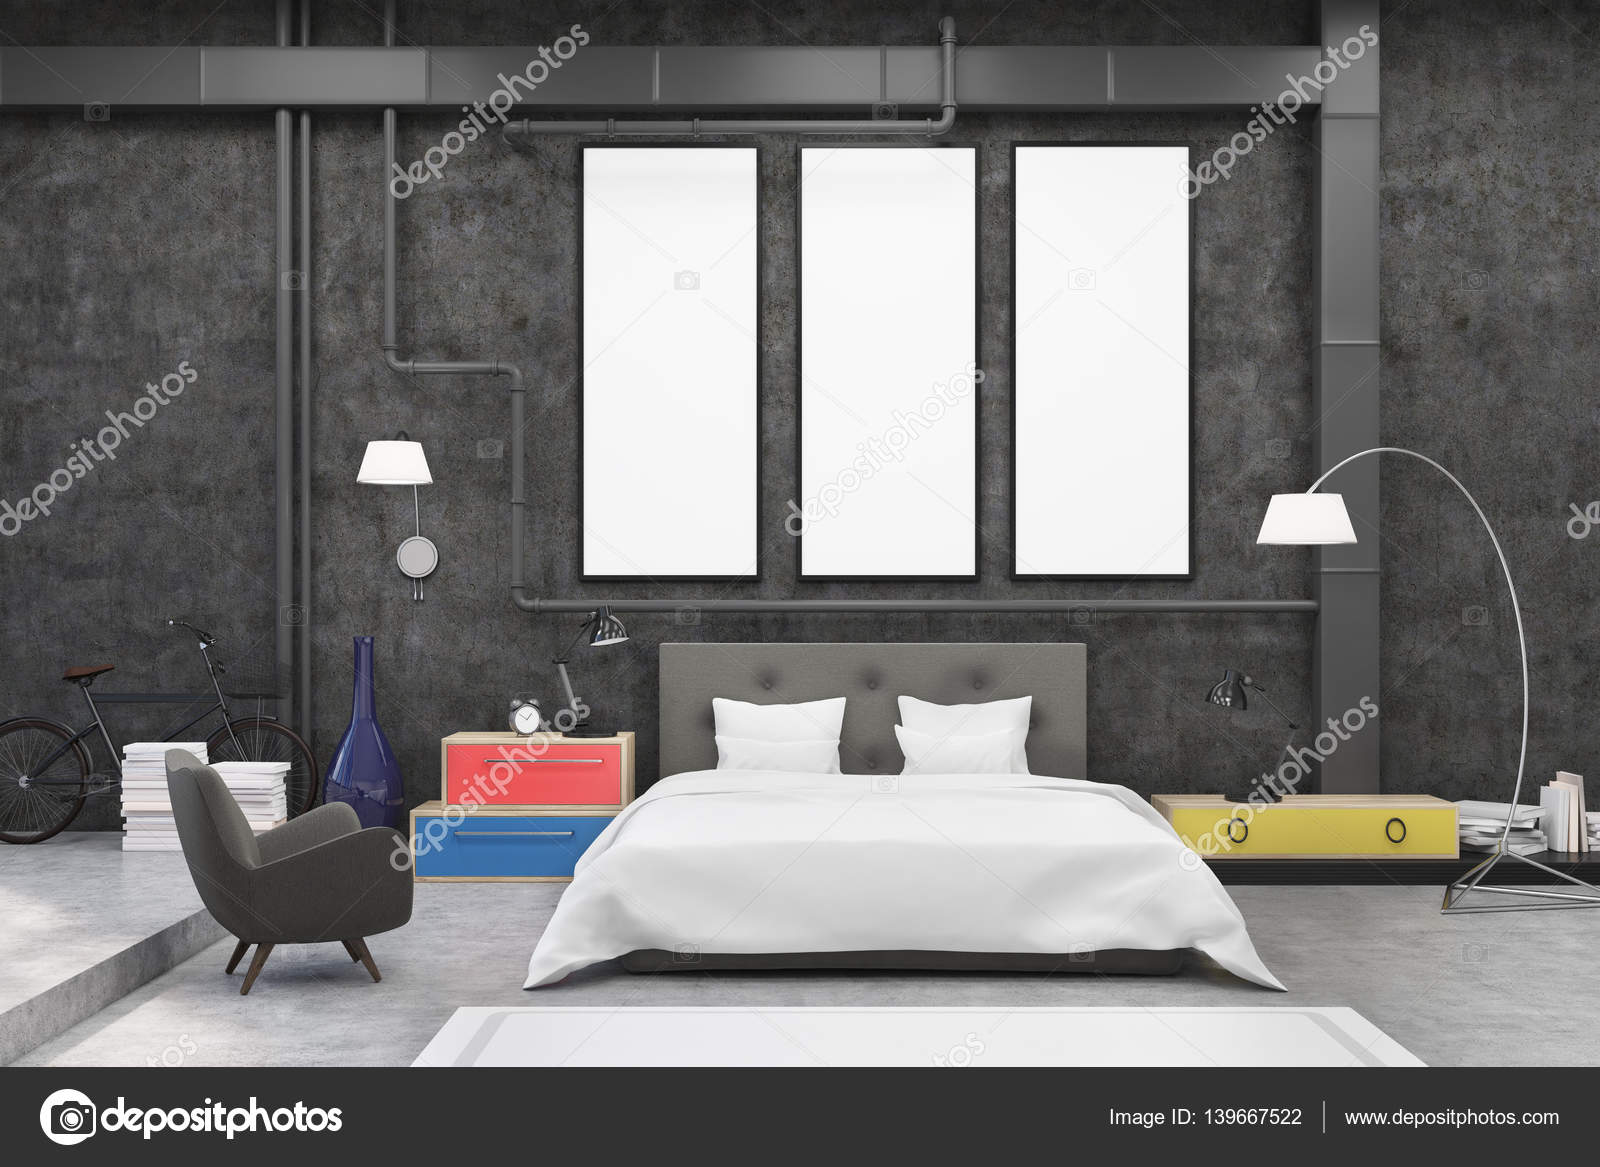 Minimalistisch interieur nachtkastjes bed habits collectie